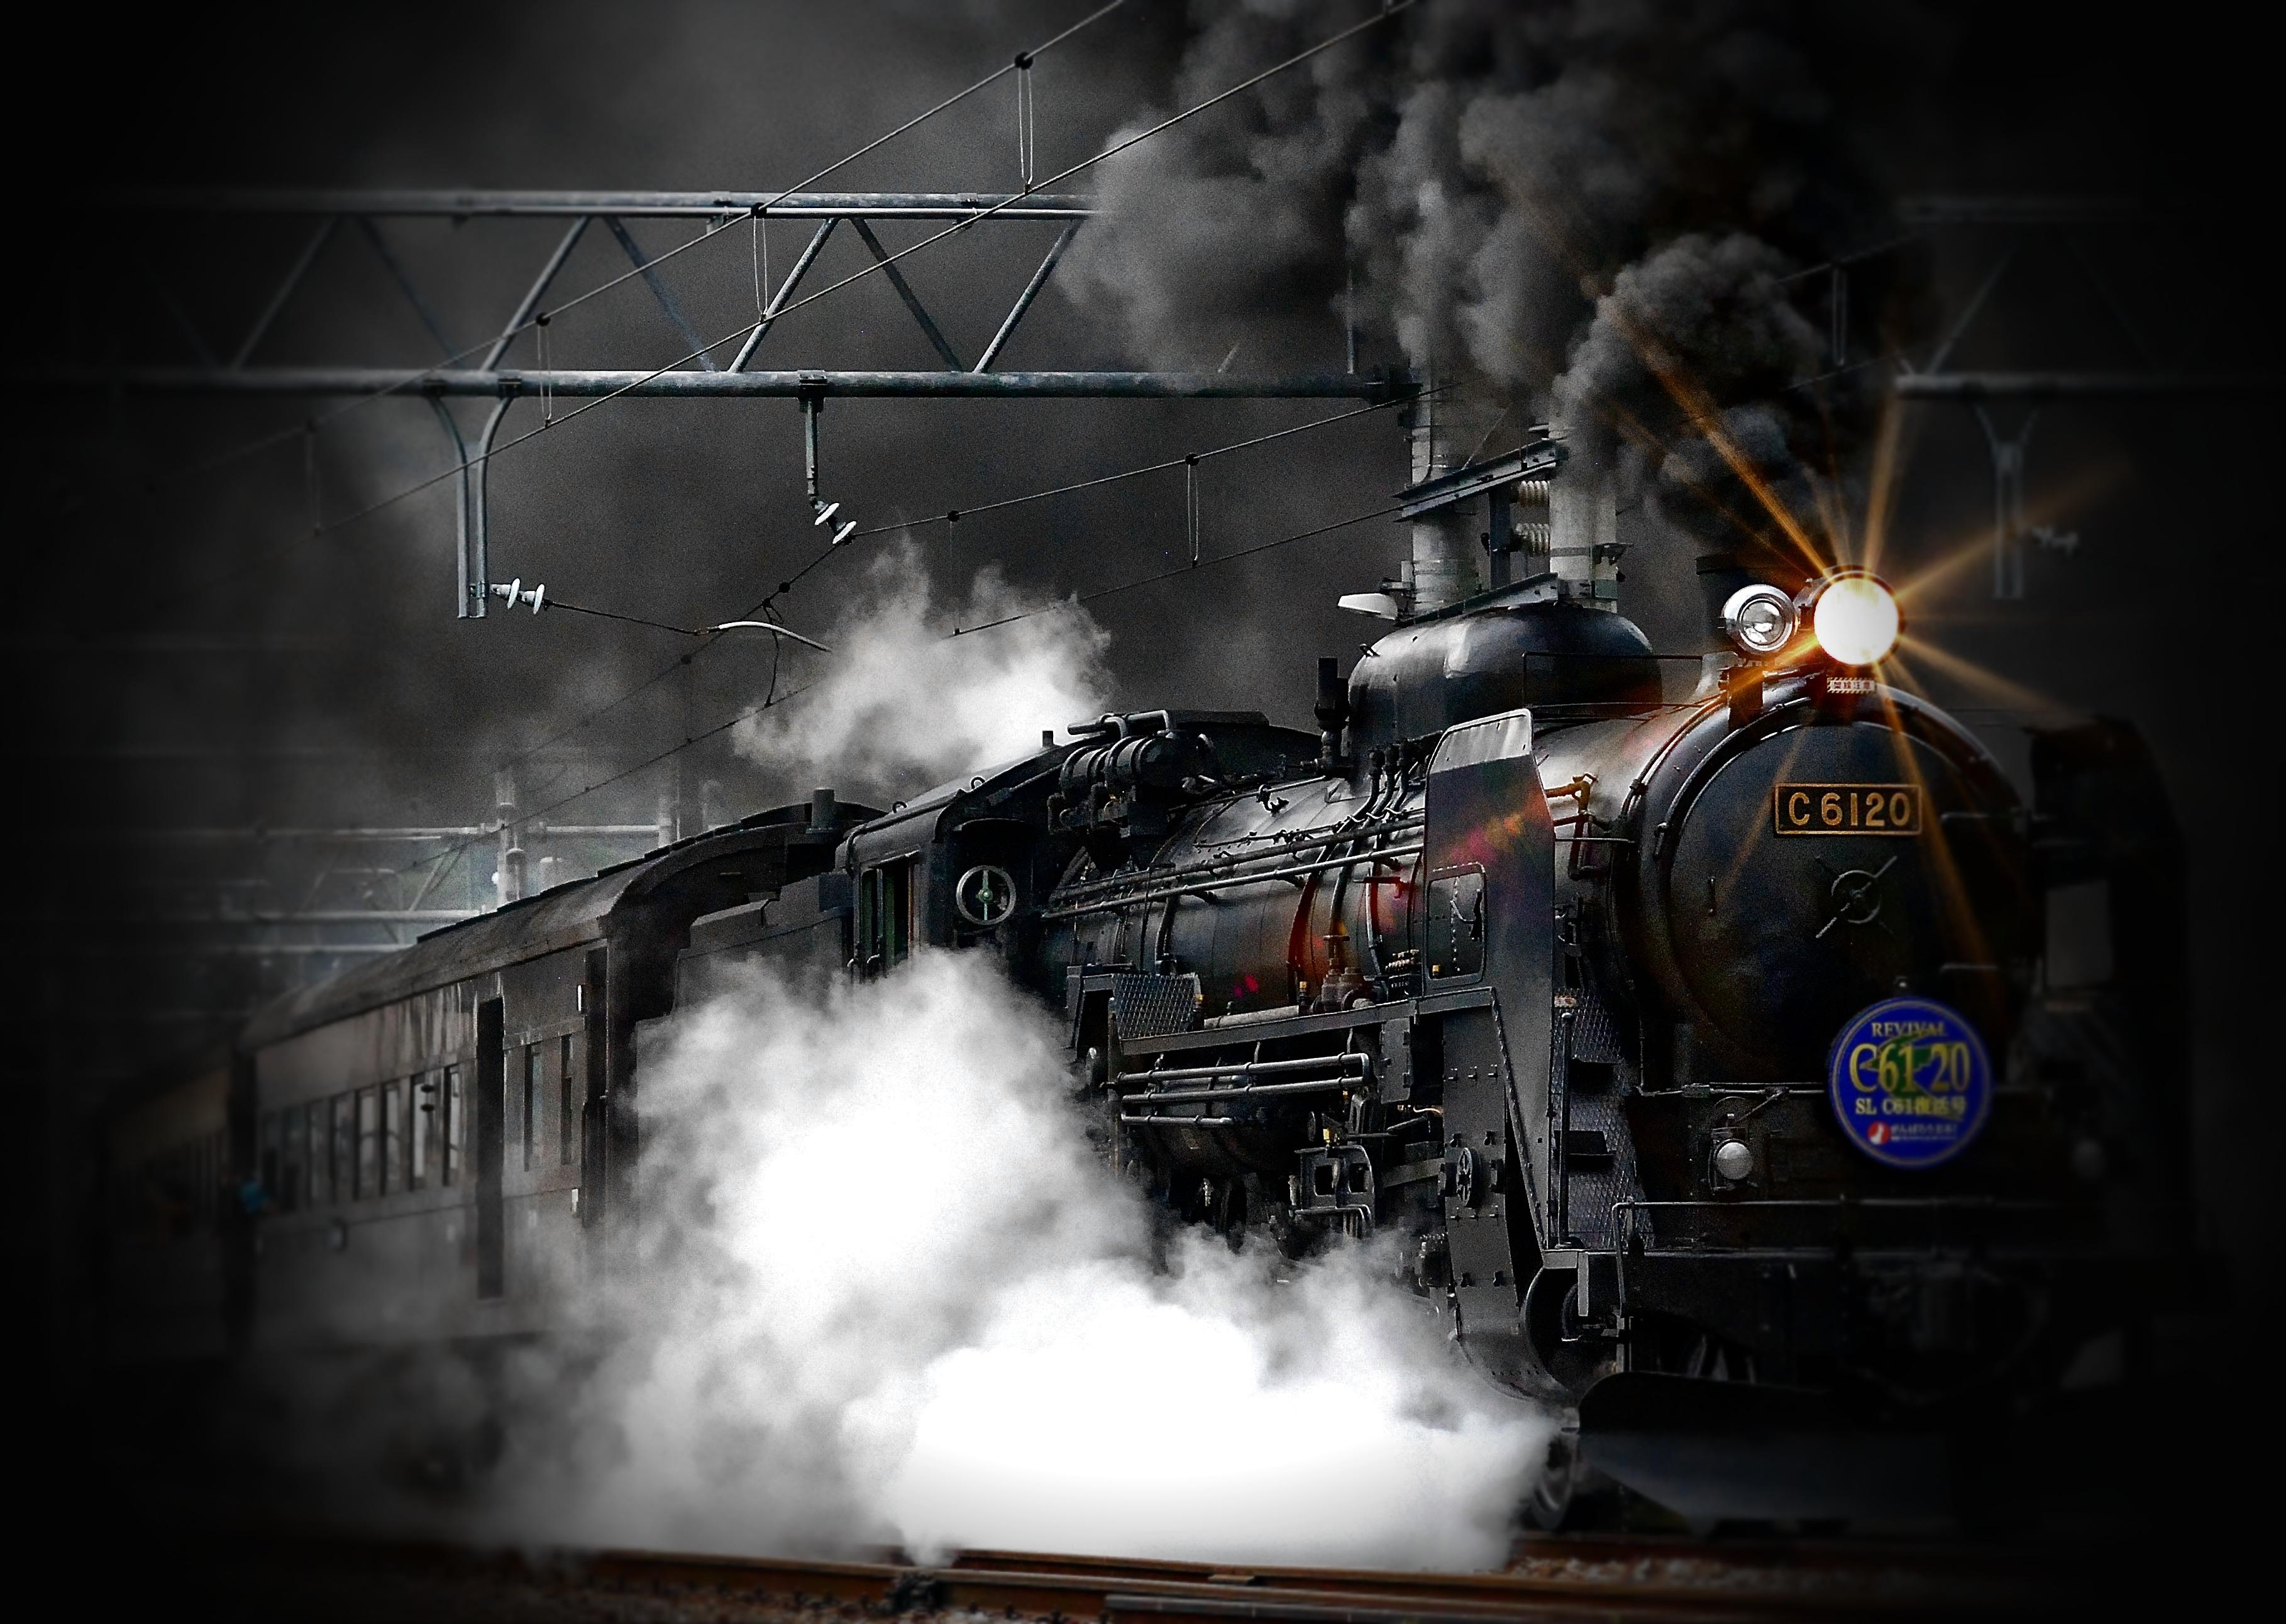 無料画像 技術 ビンテージ アンティーク レトロ 古い 列車 鋼